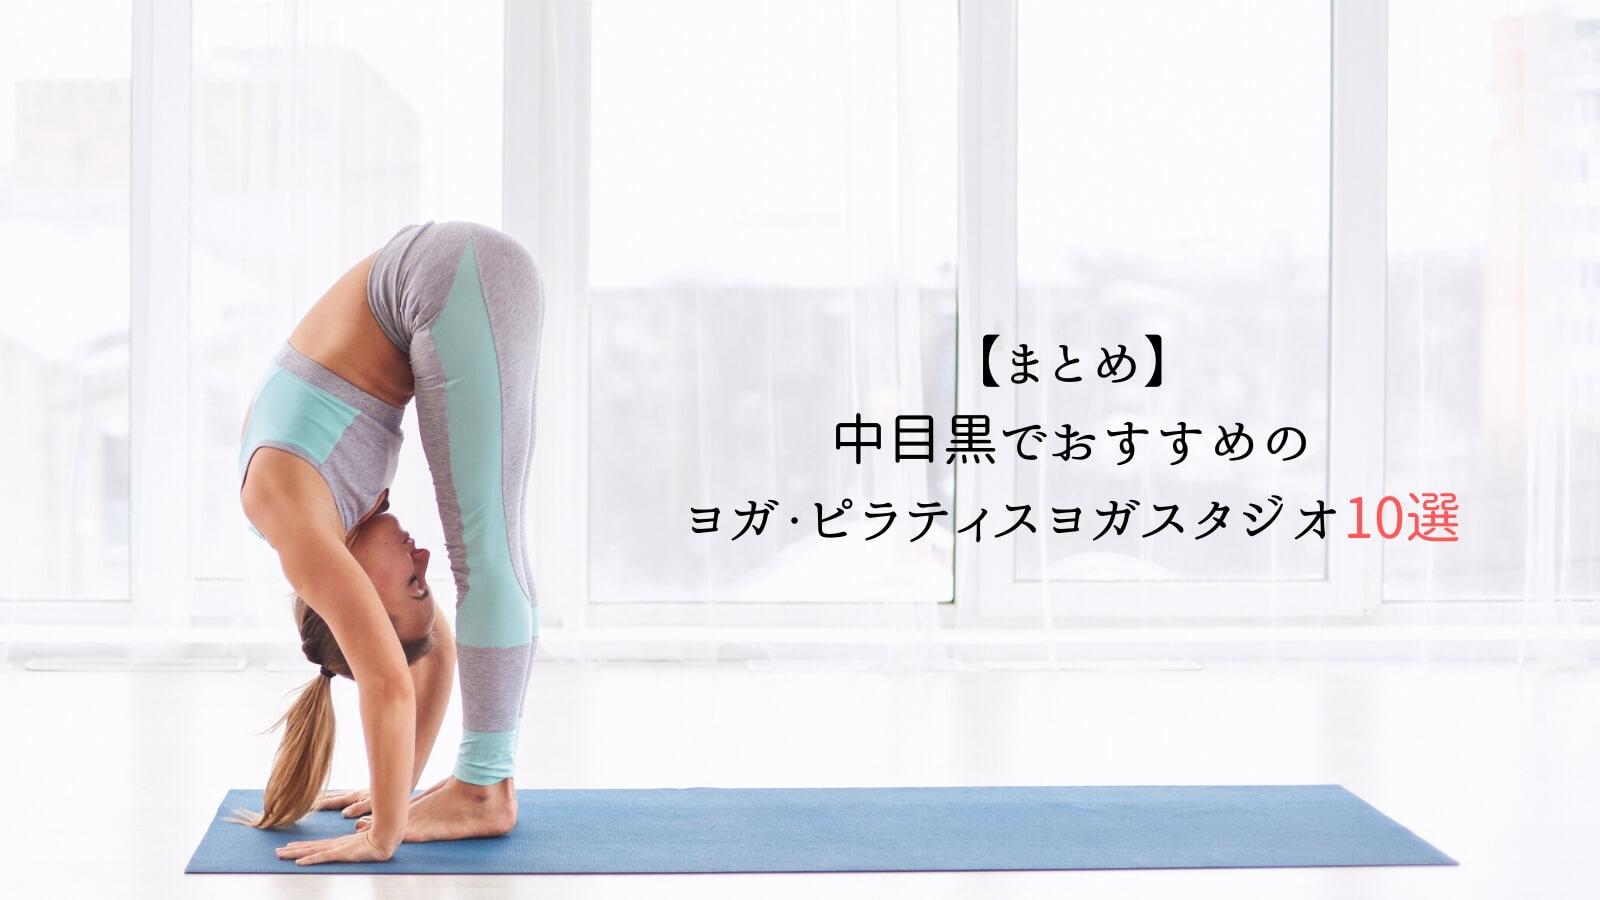 【まとめ】中目黒でおすすめのヨガ・ピラティススタジオ10選_